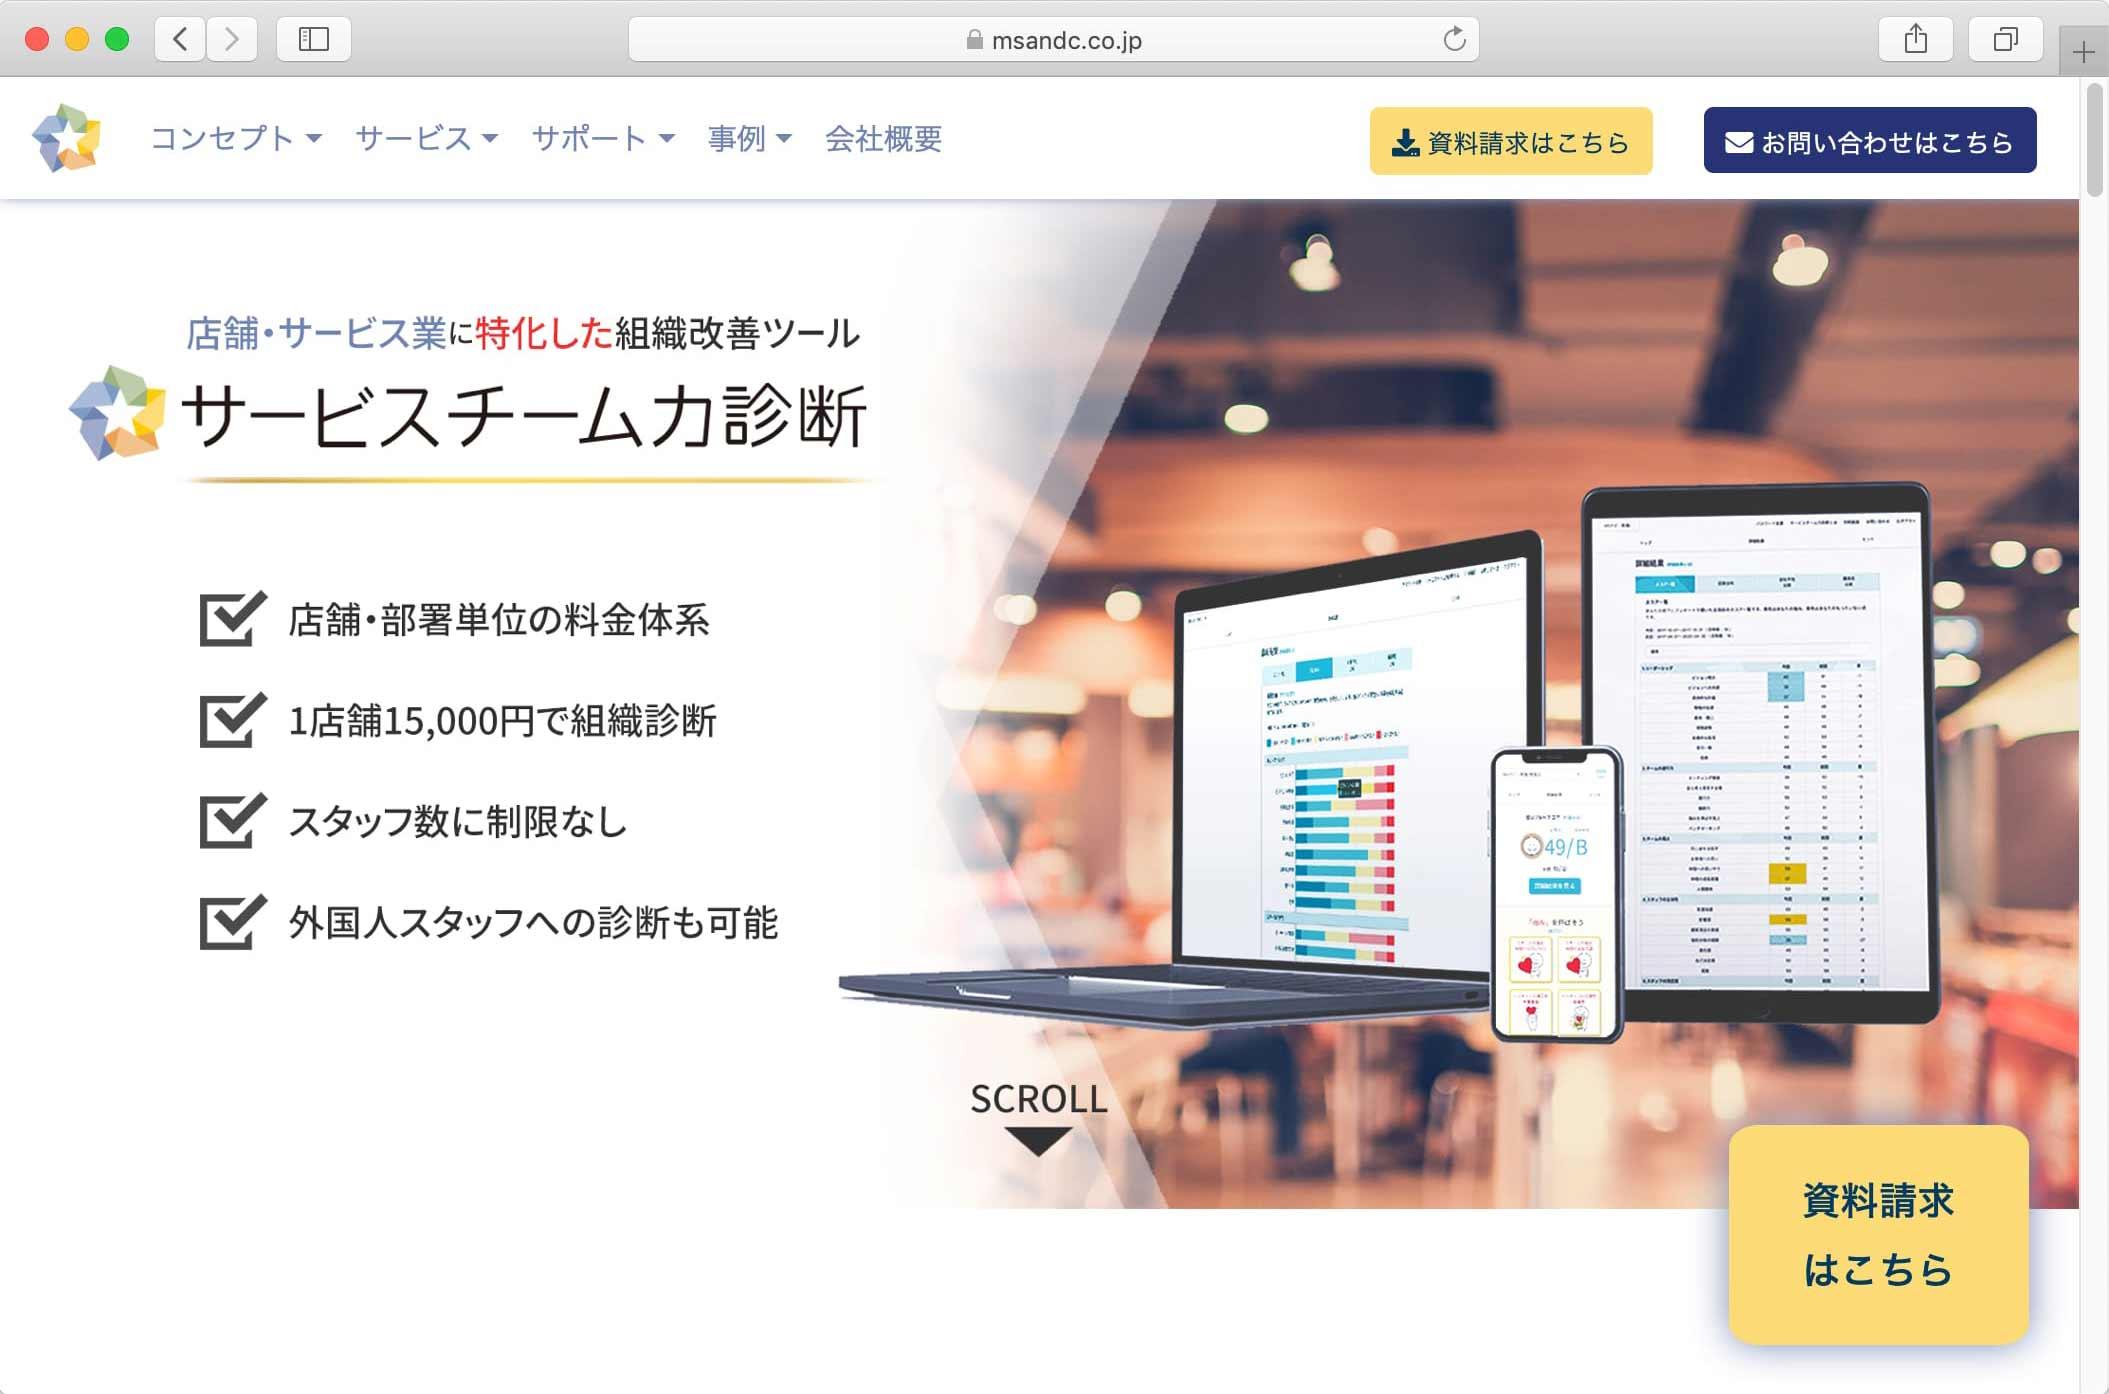 thumnail:従業員満足度調査サービス「サービスチーム力診断サイト」